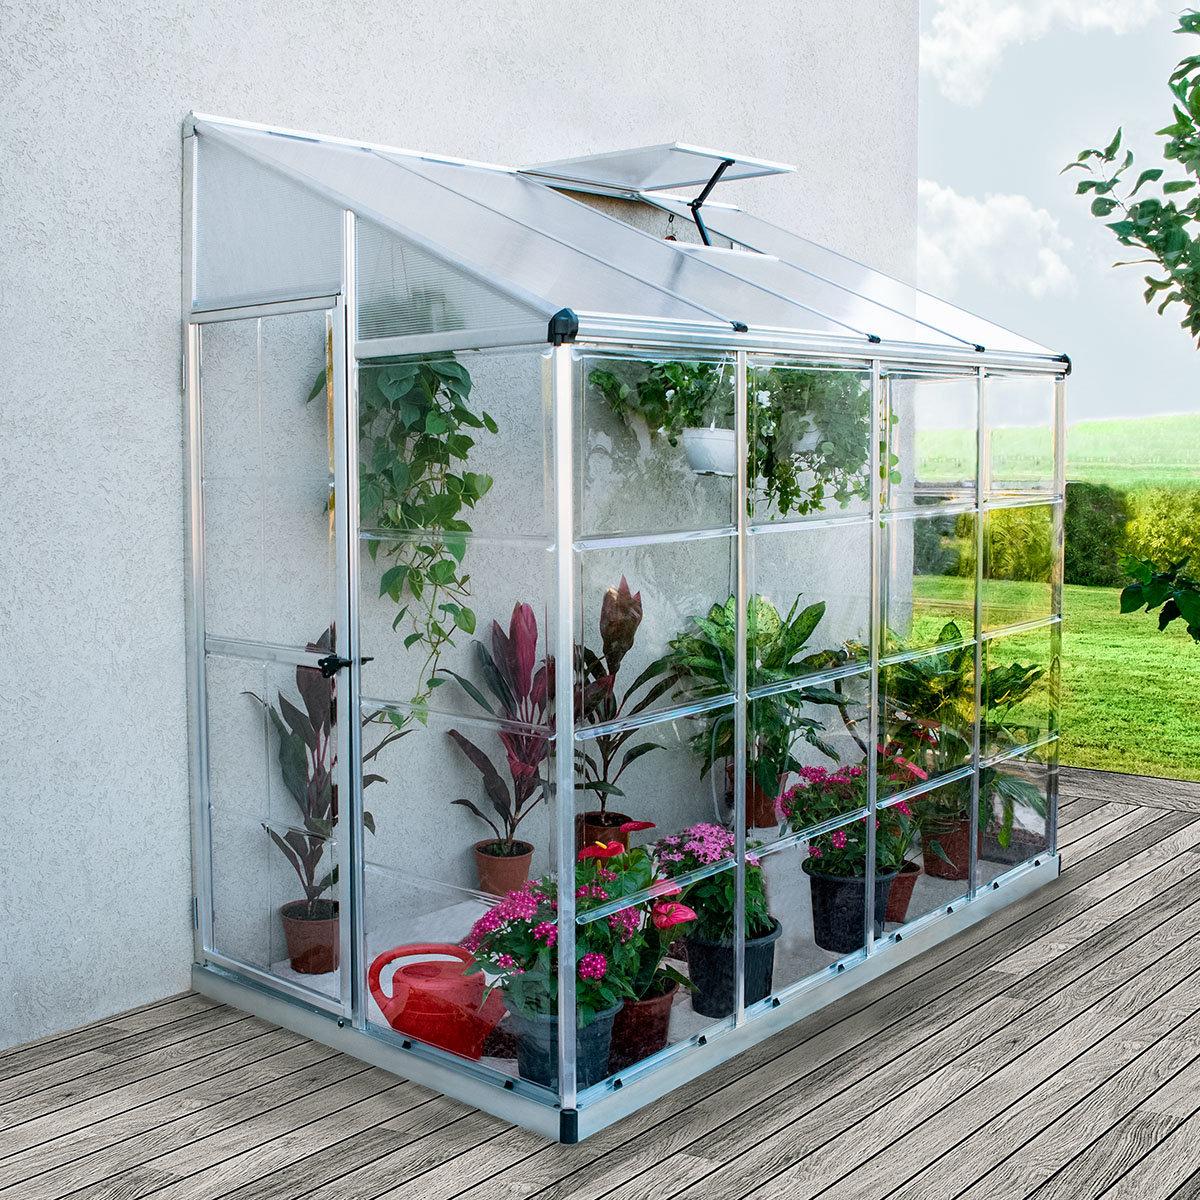 gew chsh user selber bauen gew chshaus selber bauen so geht s bauen energie effektiv gew chsh. Black Bedroom Furniture Sets. Home Design Ideas